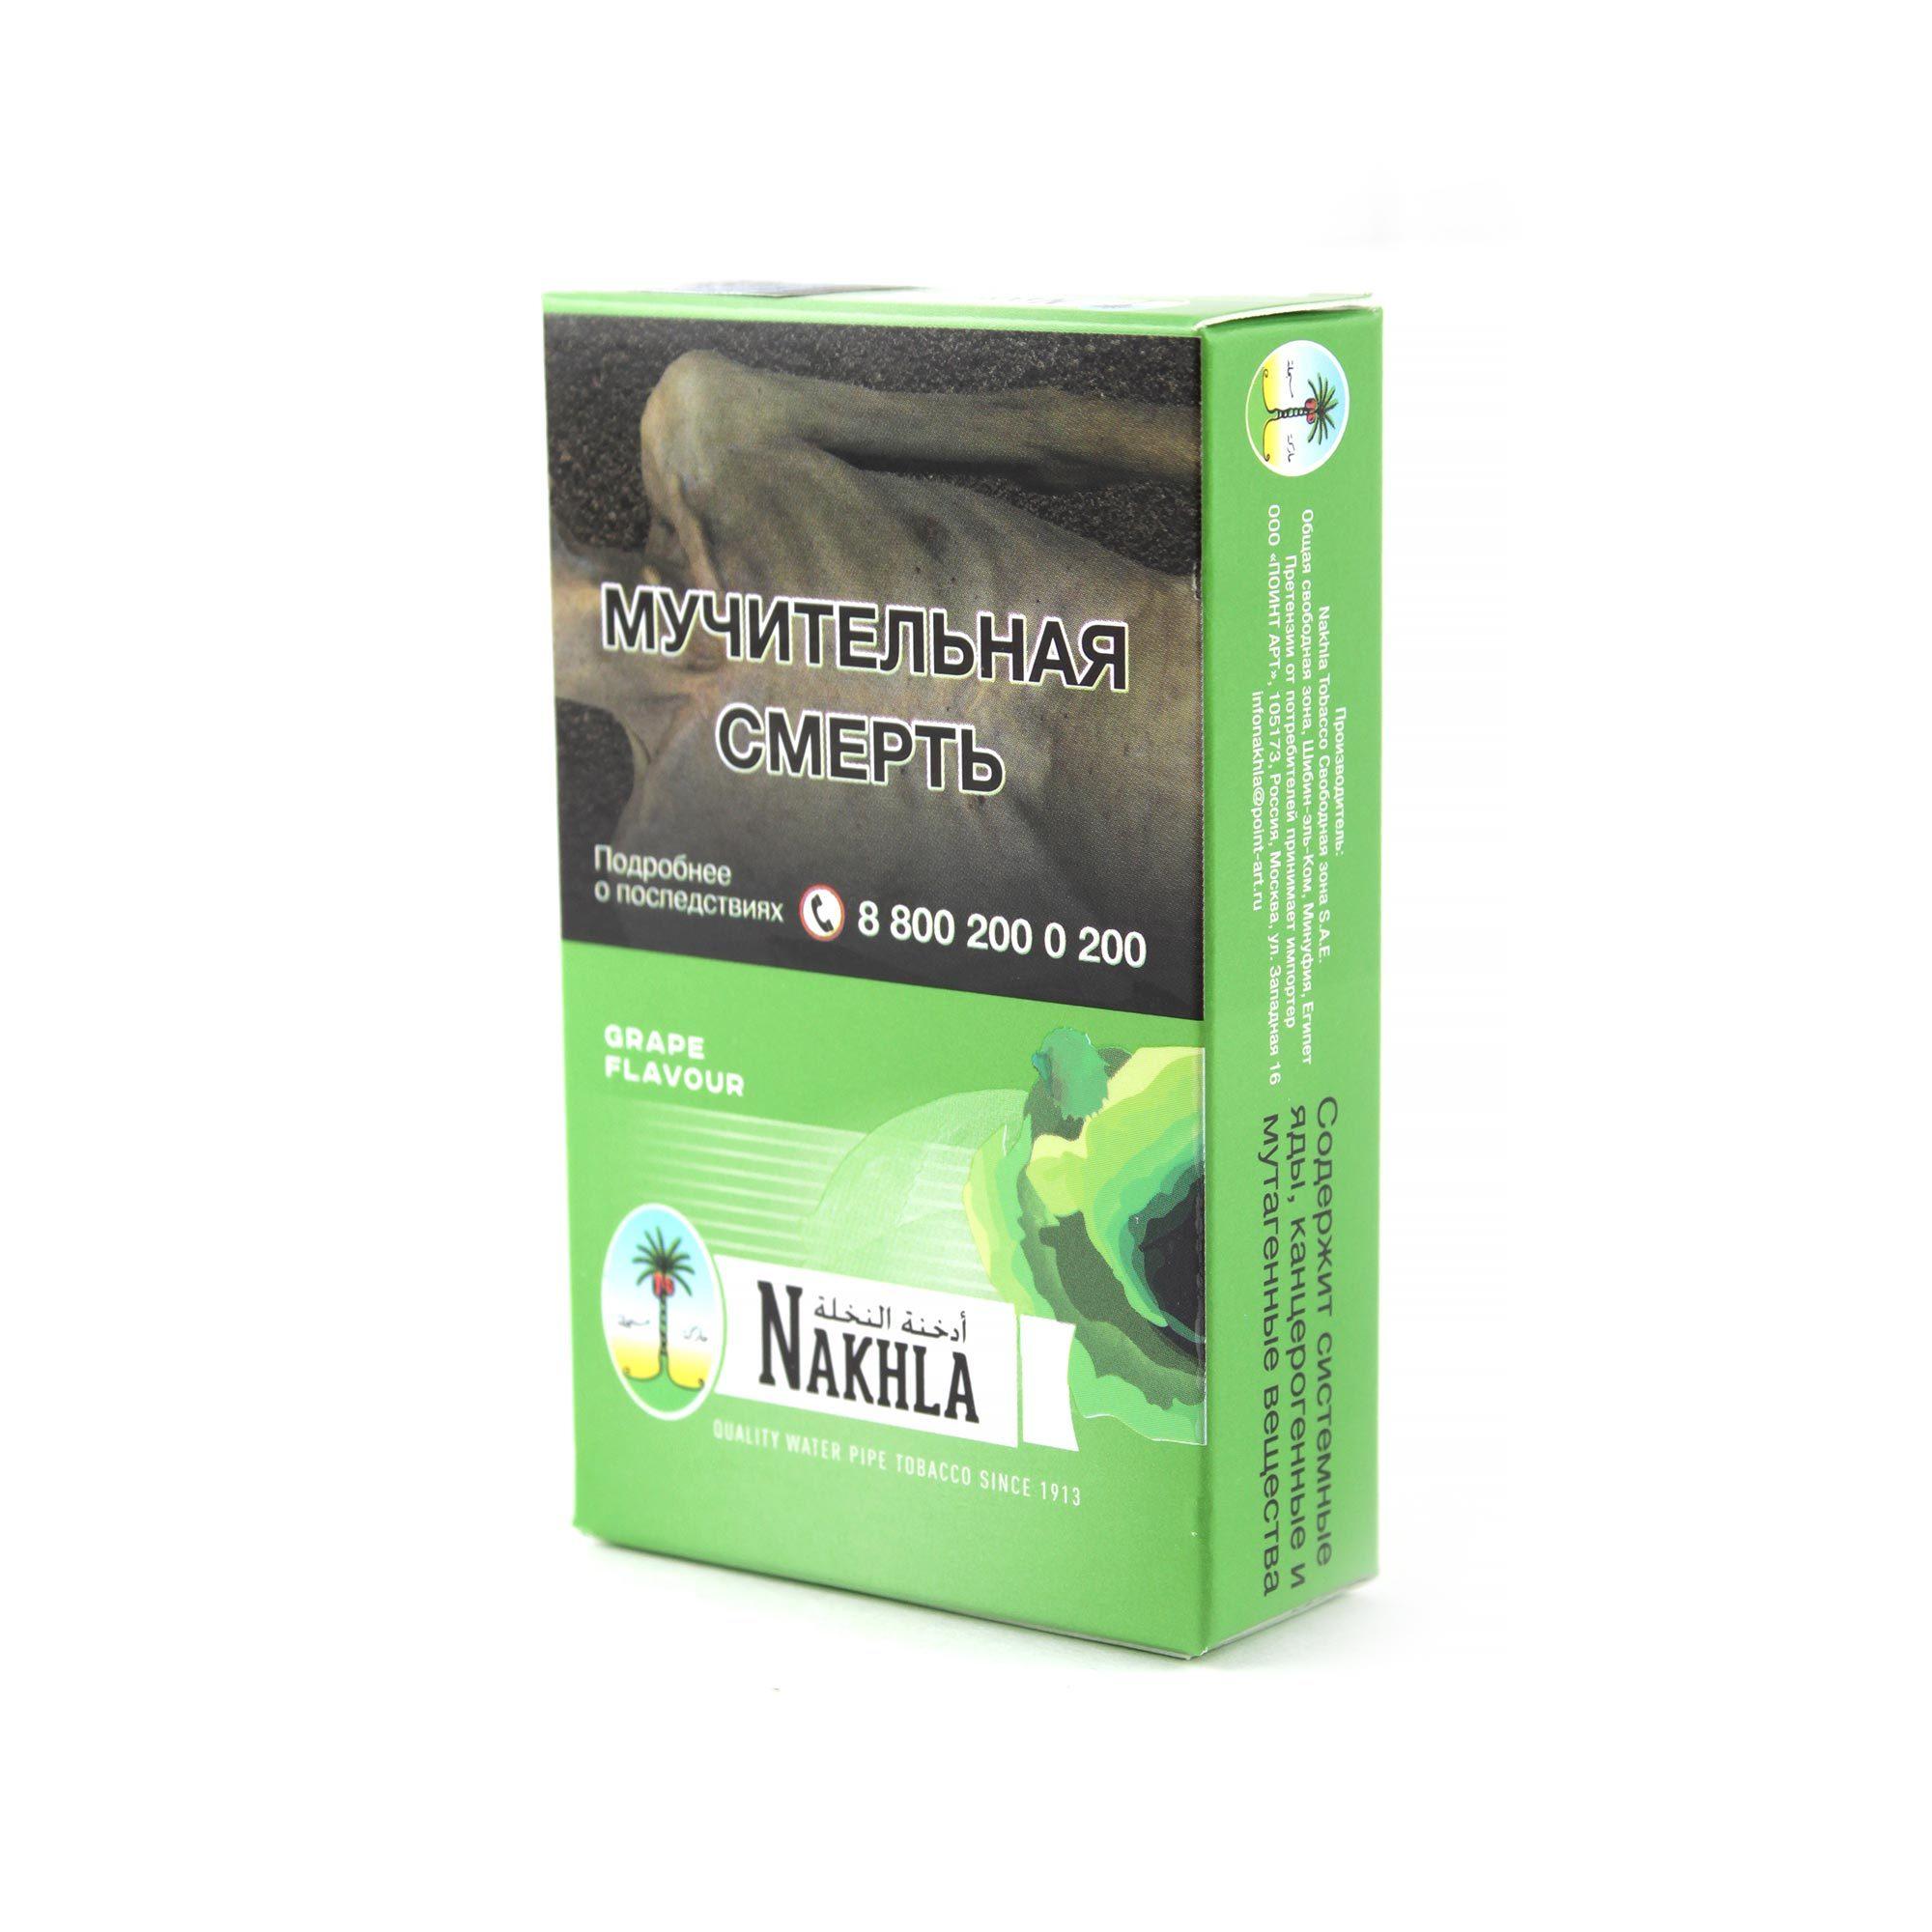 Табак для кальяна Nakhla Grape 50 гр